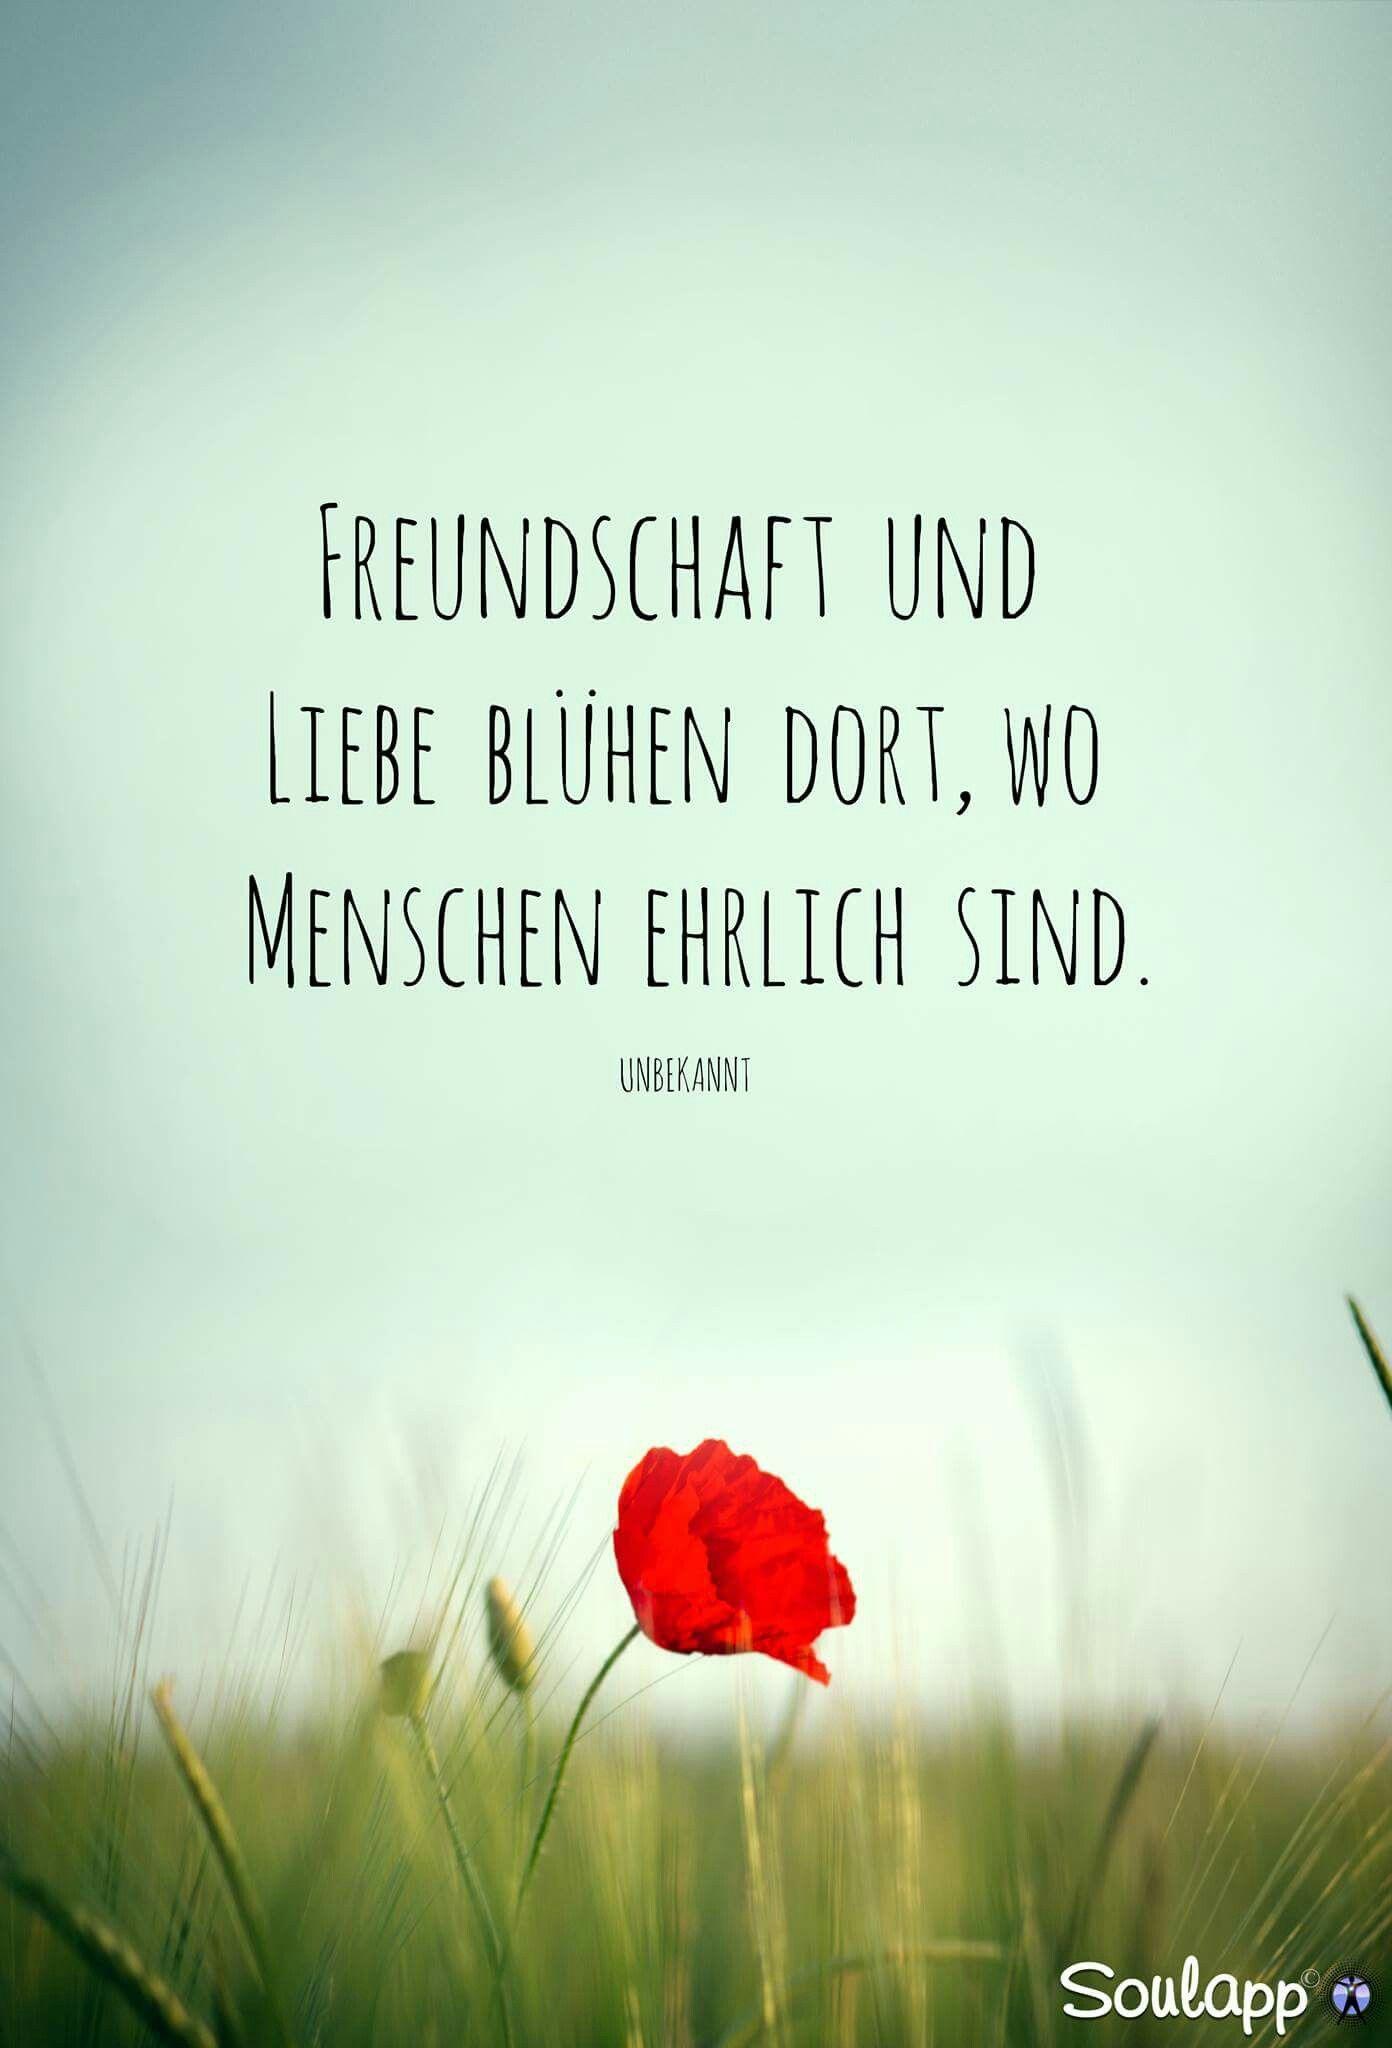 Referenz Sprüche Freundschaft Danke - Sammlung deutscher